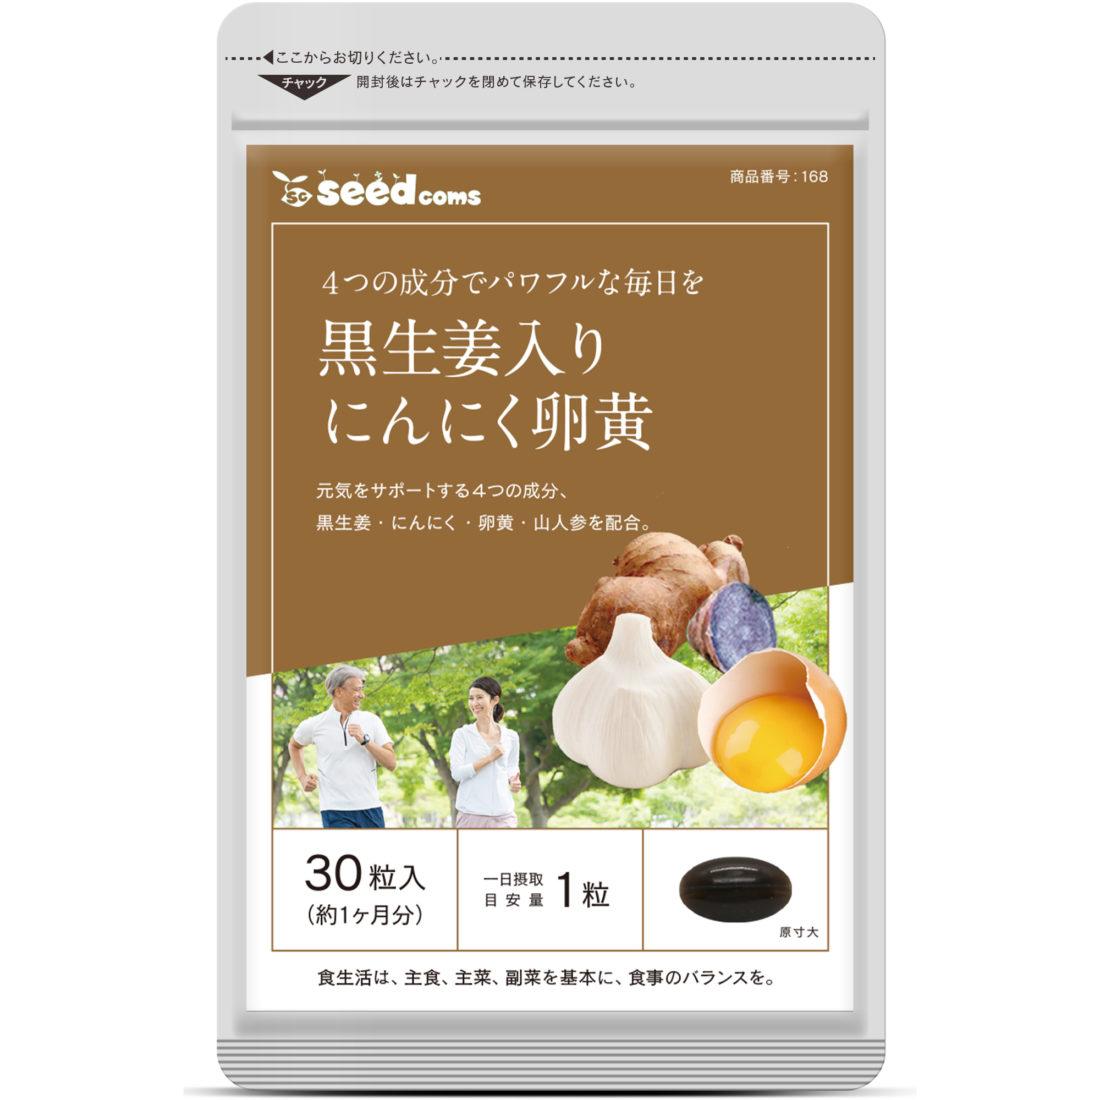 にんにく卵黄 シードコムス seedcoms